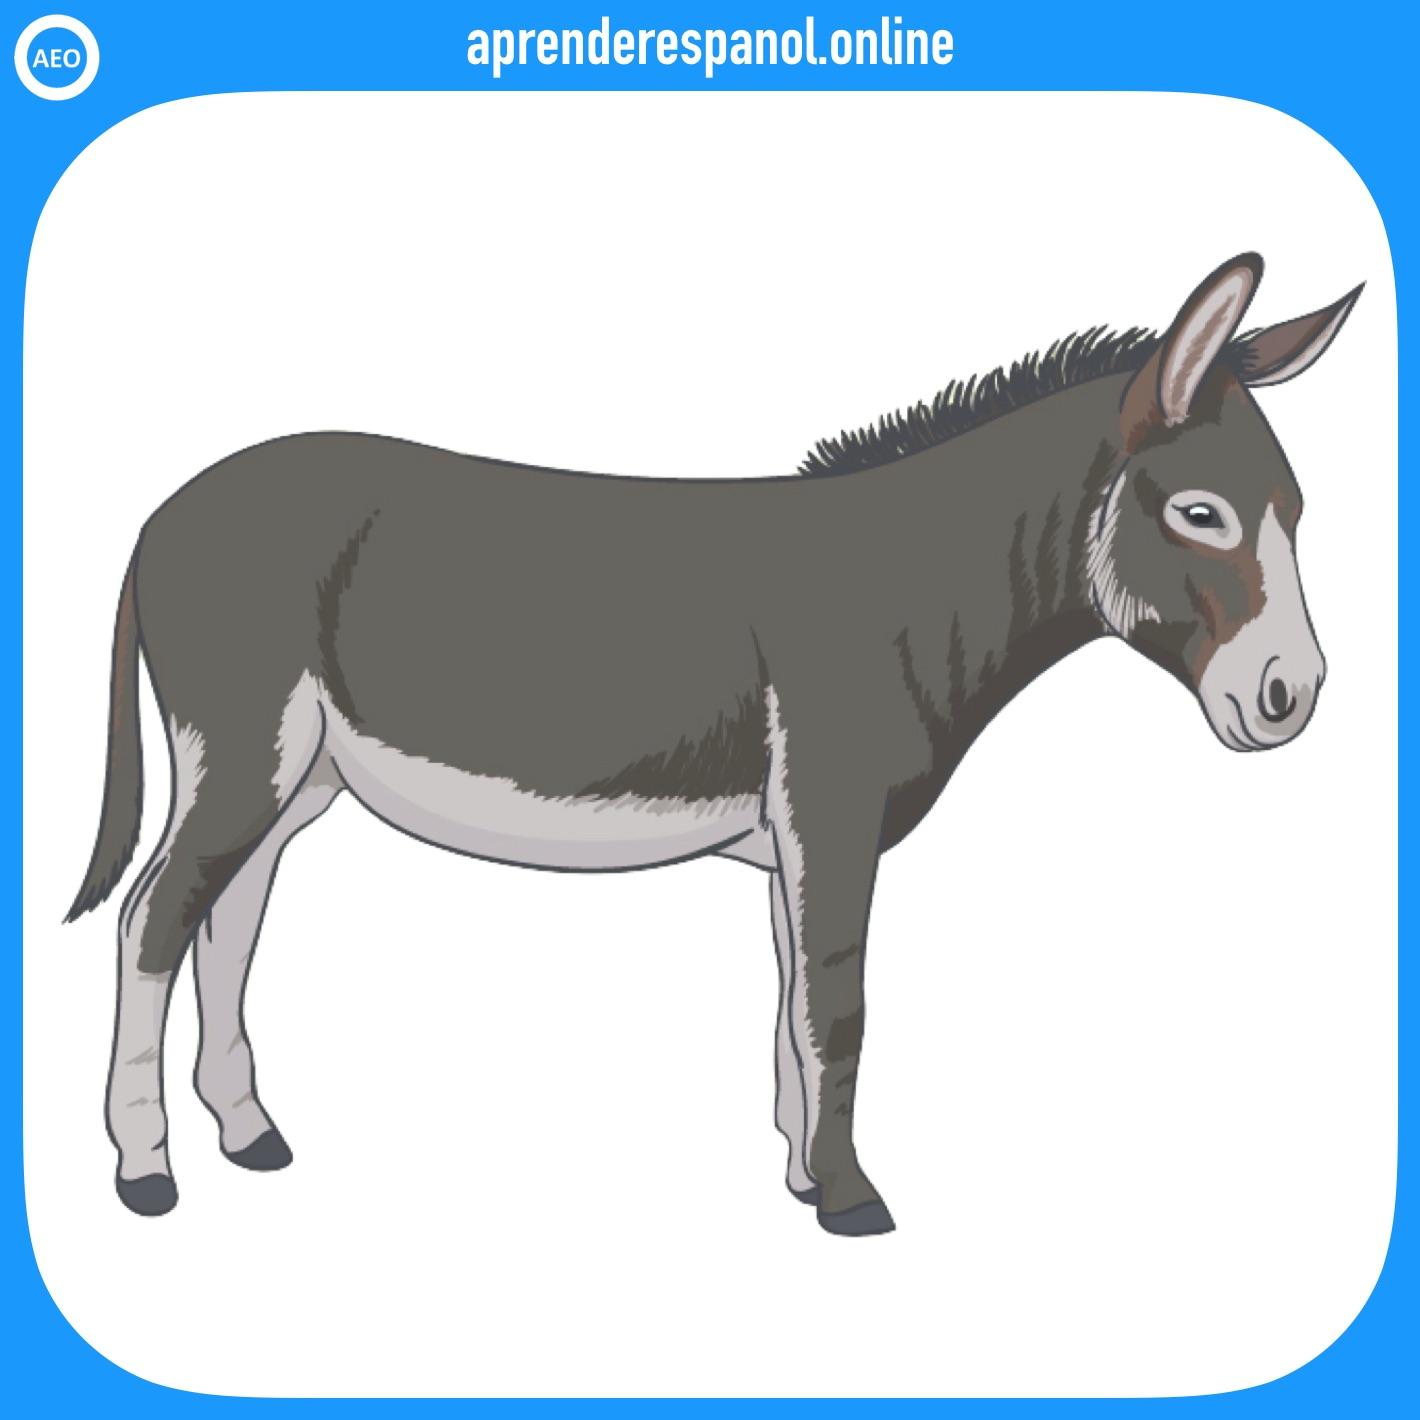 burro | animales en español | vocabulario de los animales en español